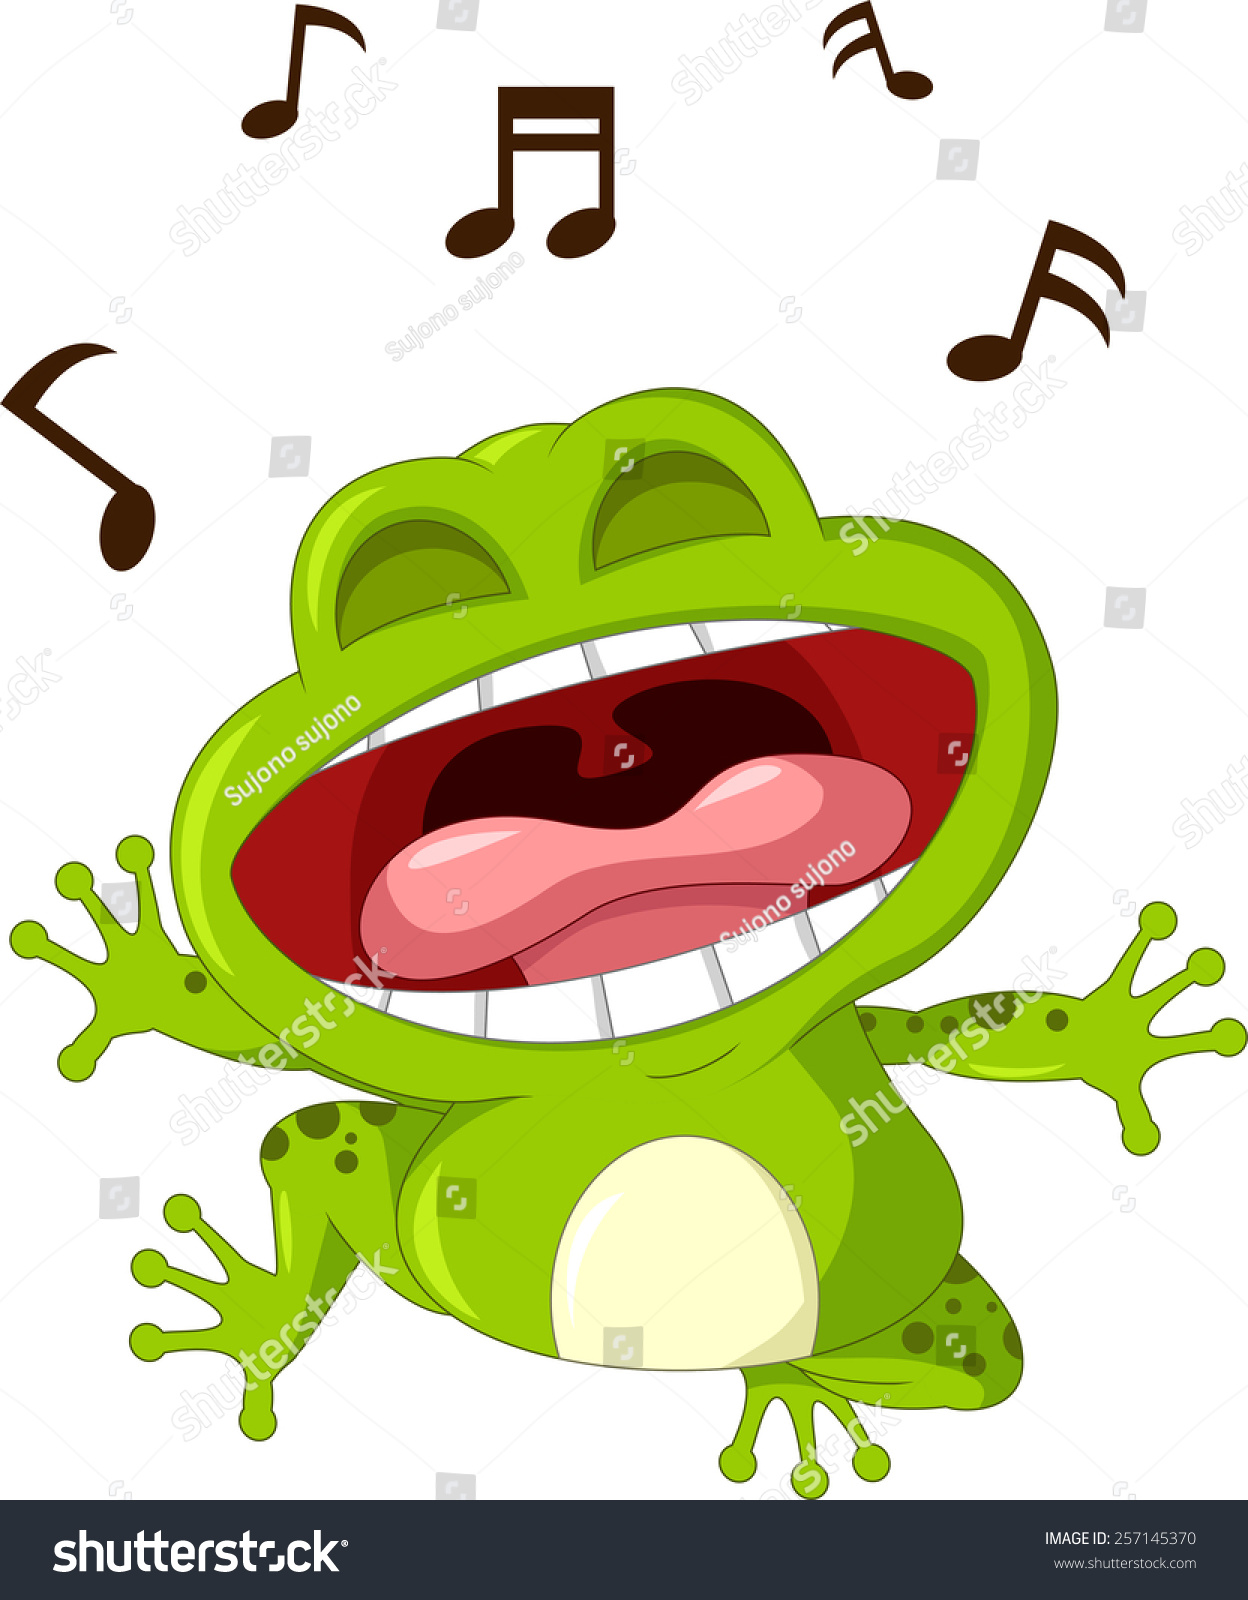 поющая жаба картинки ведут преимущественно ночной